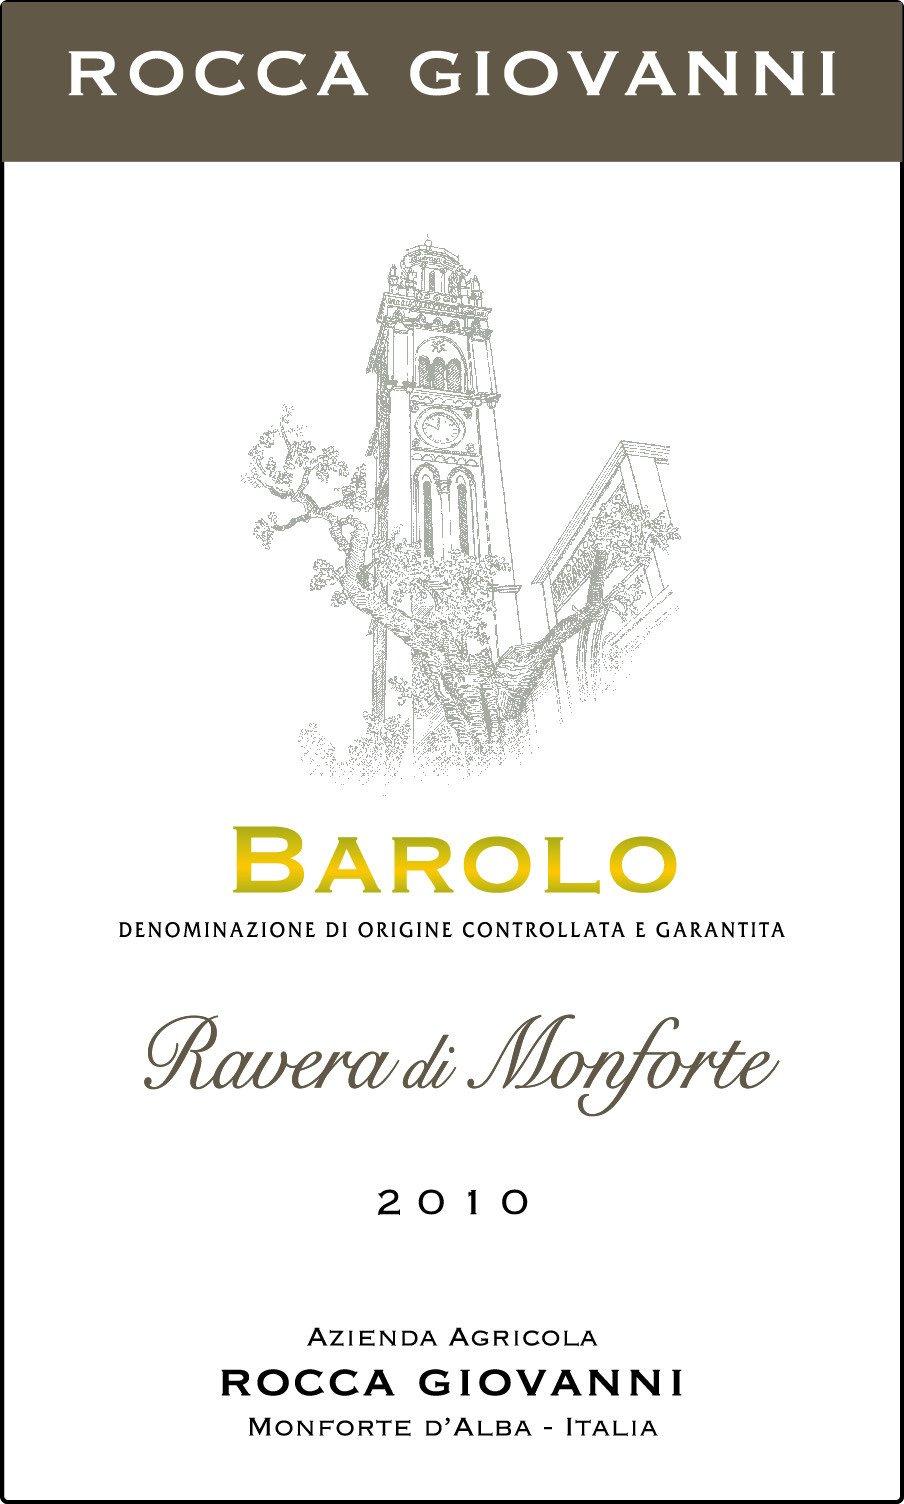 Rocca Giovanni Barolo Ravera di Monforte 2011